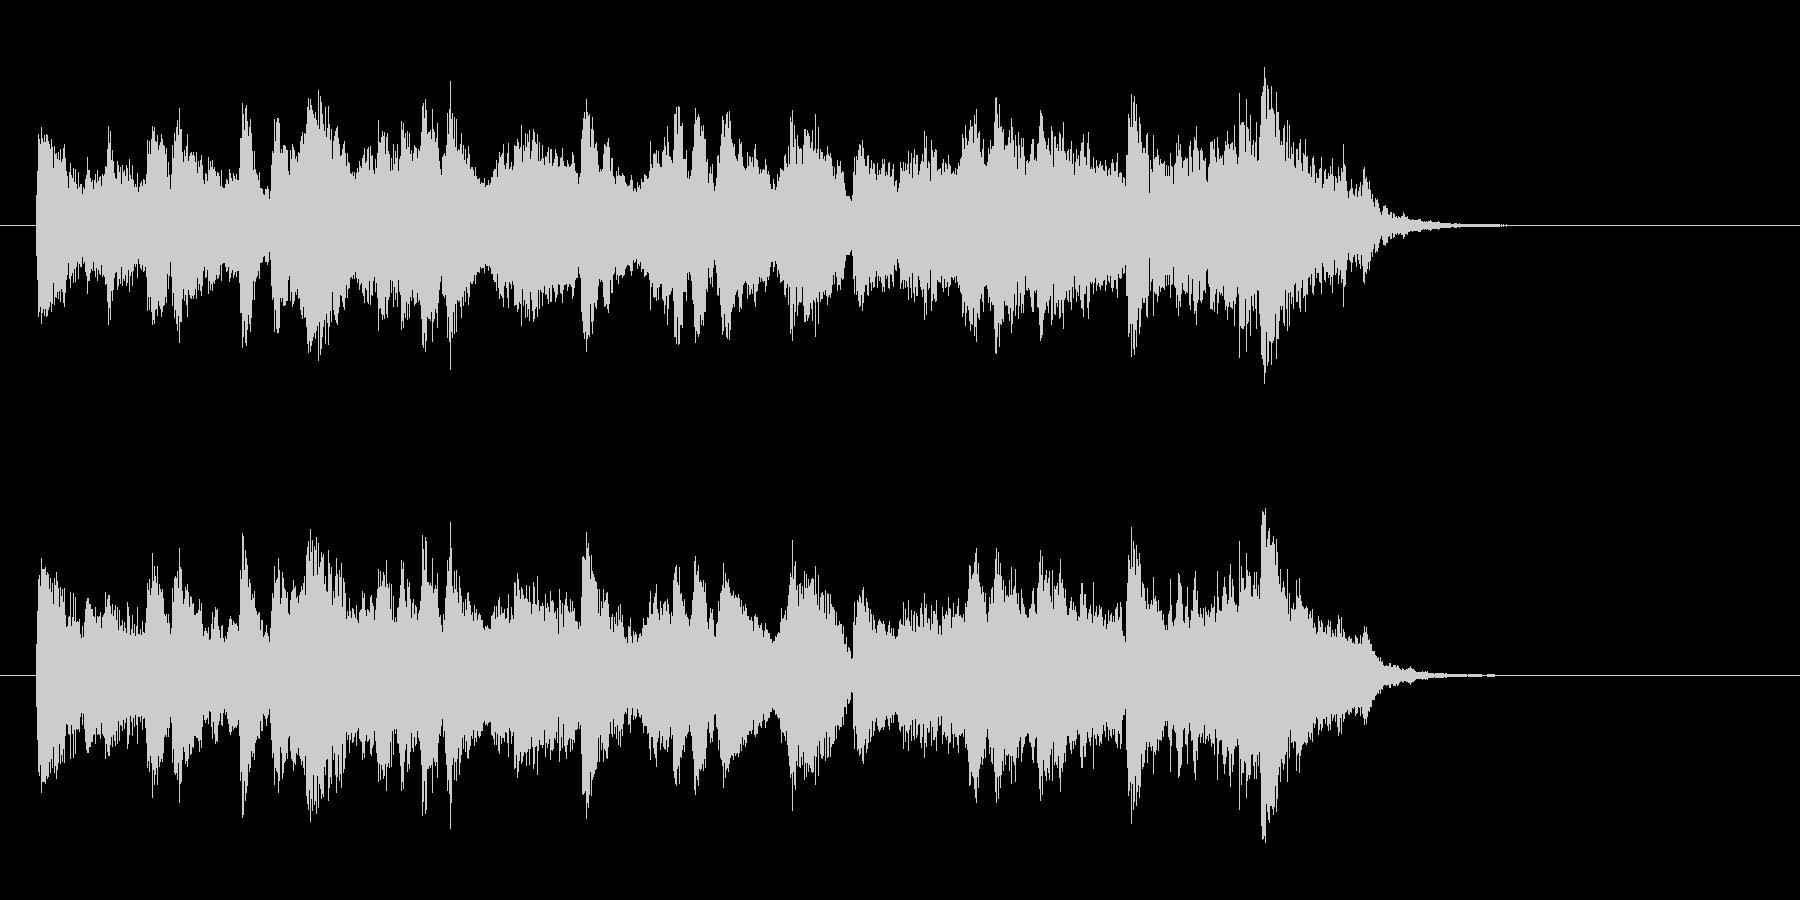 ジャズ風の優雅なBGM(サビ)の未再生の波形